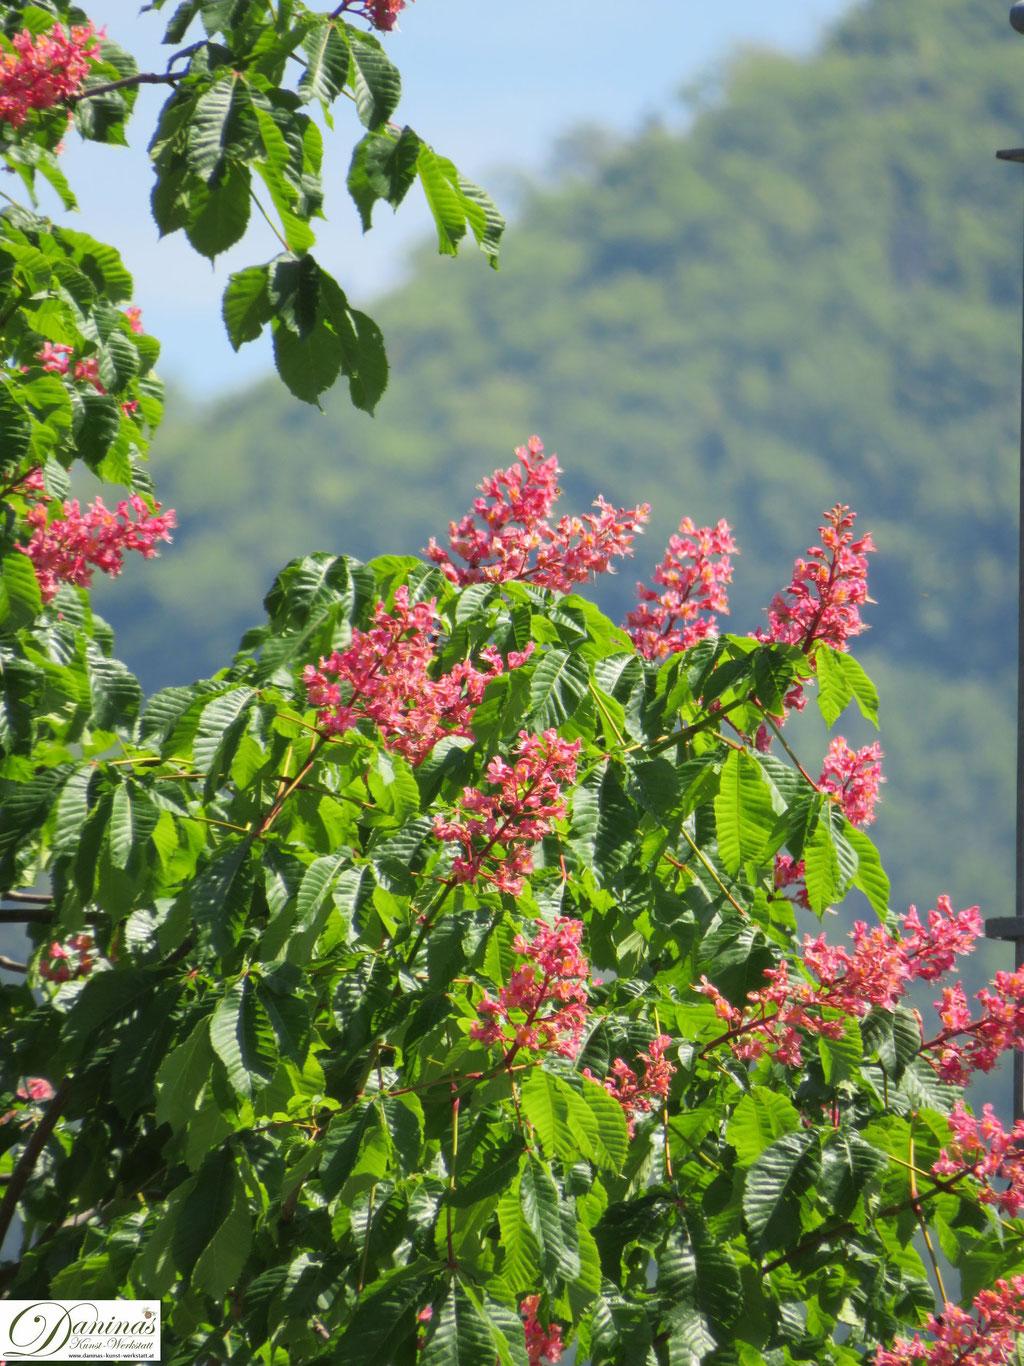 Kastanienbaum Blüte rot - Garten Impressionen im Frühsommer by Daninas-Kunst-Werkstatt.at